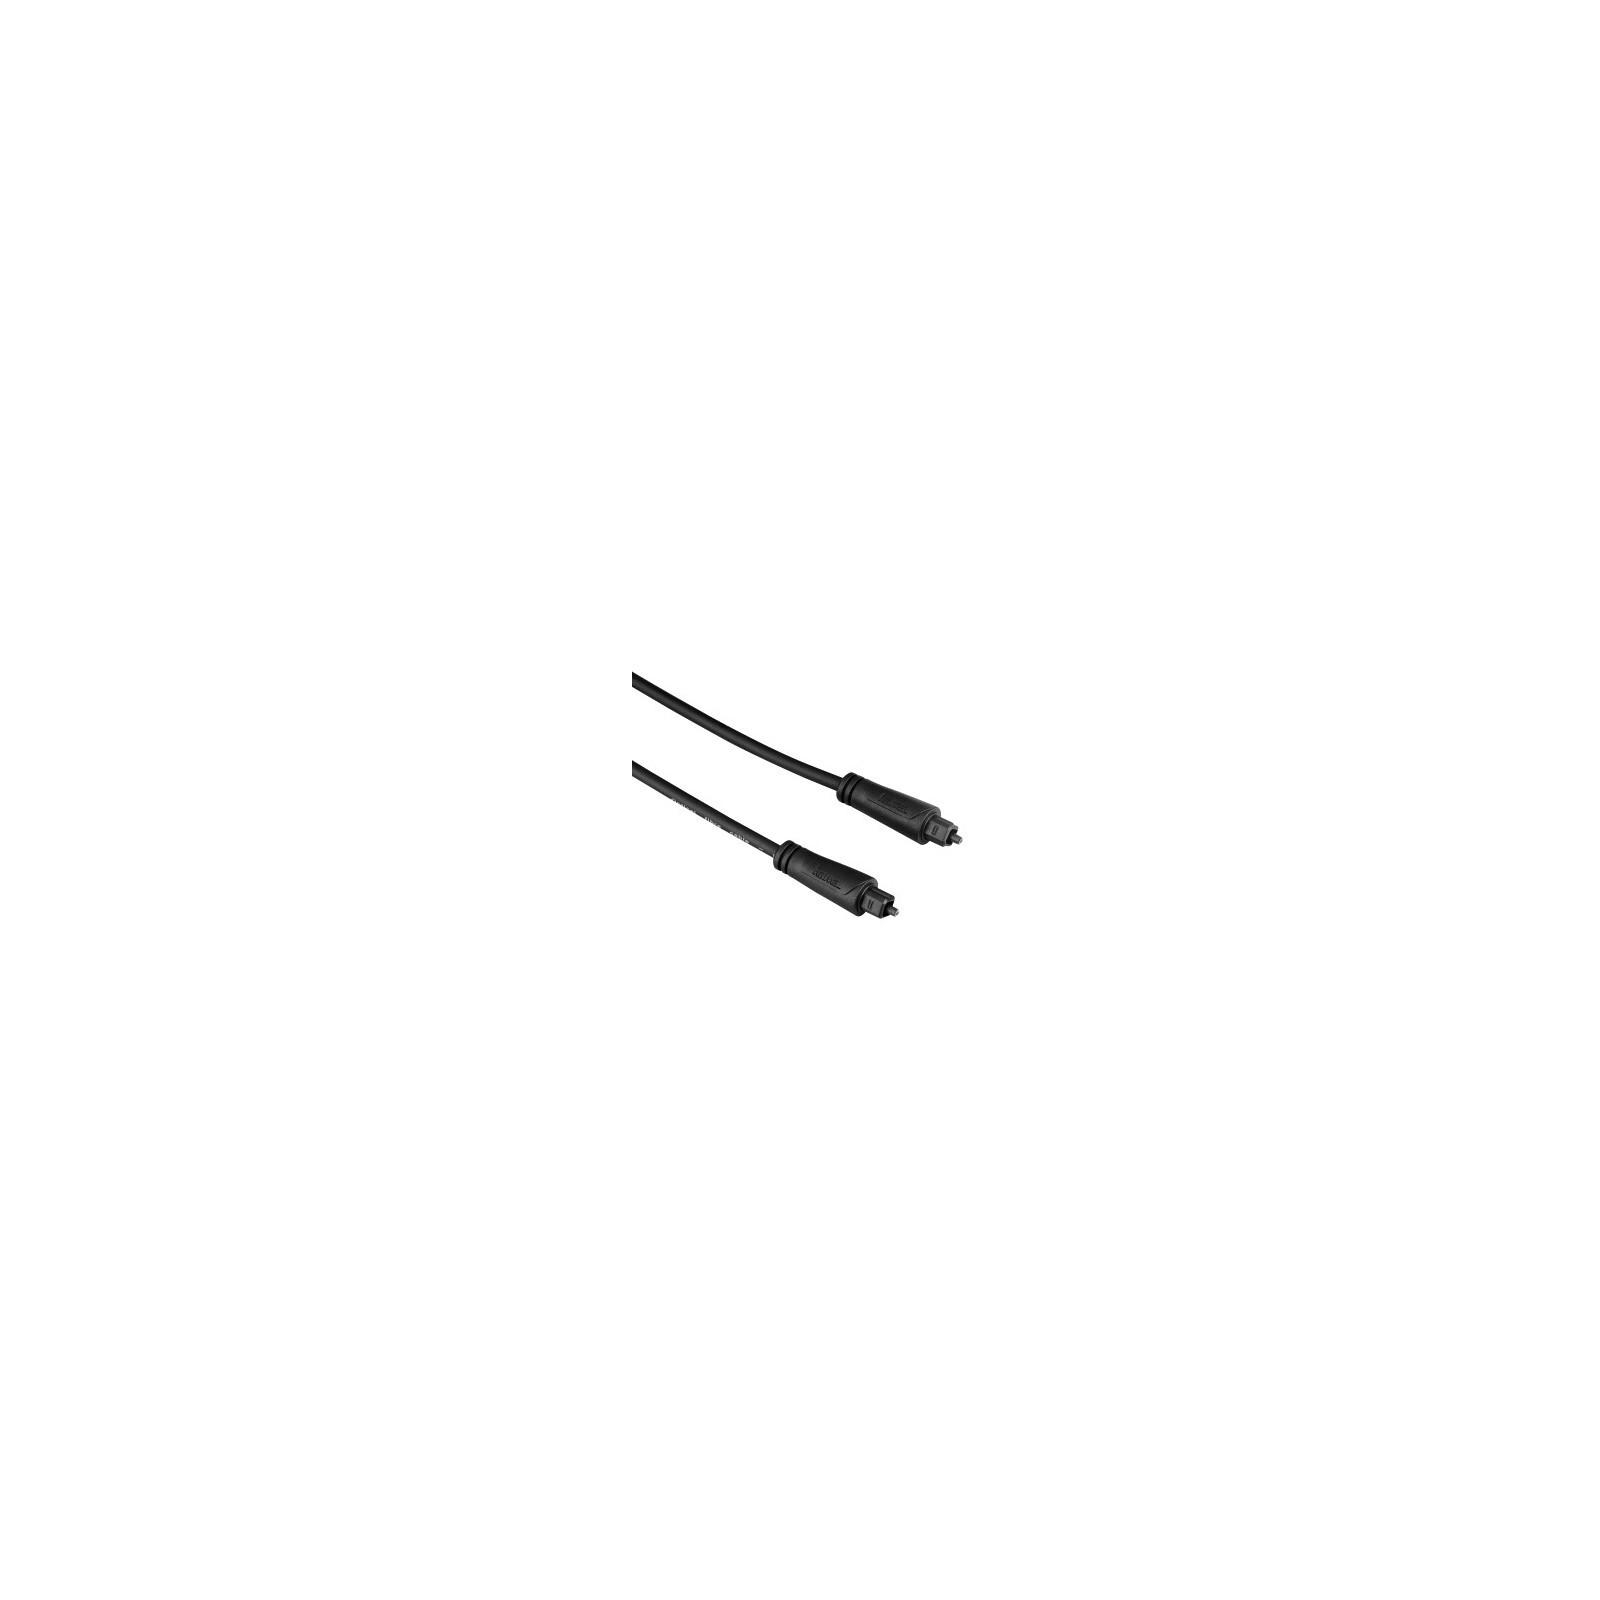 Hama 122254 Lichtleiter Kabel ODT 10m